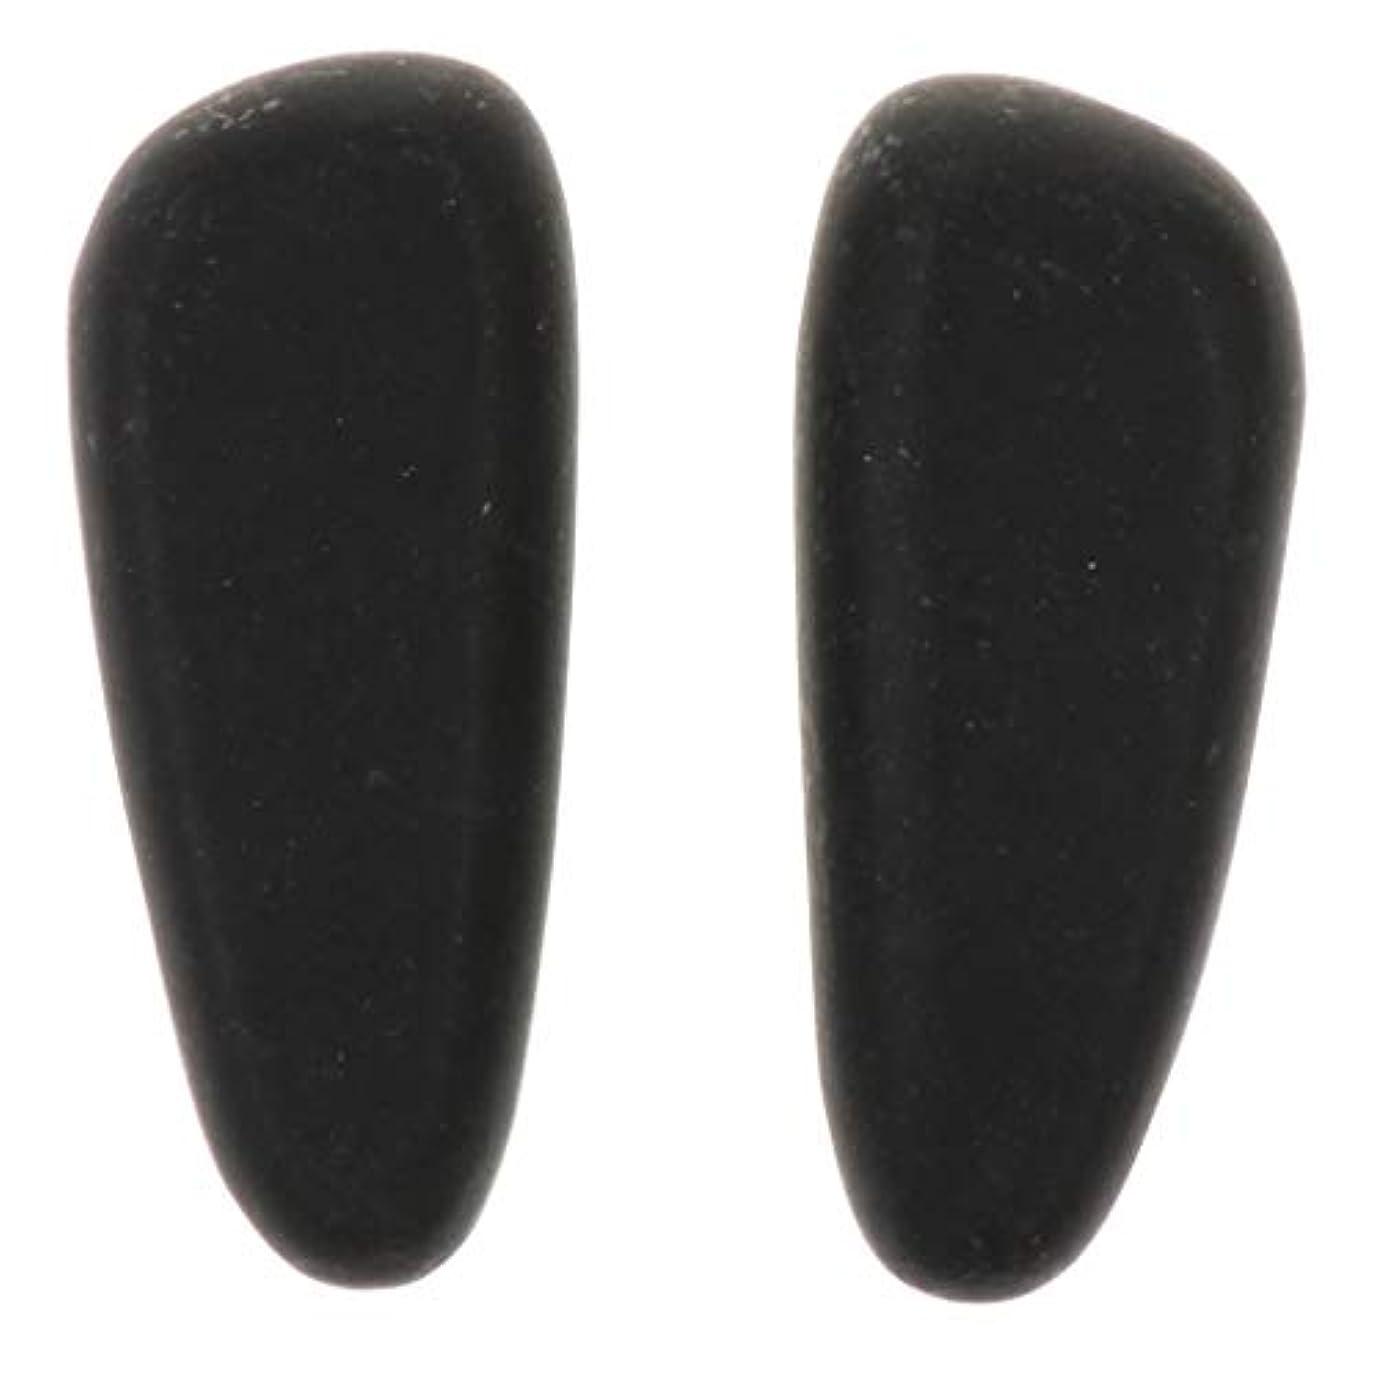 アドバイス宇宙船文句を言う天然石ホットストーン マッサージ用玄武岩 マッサージストーン マッサージ石 ボディマッサージ 2個 全2サイズ - 8×3.2×2cm